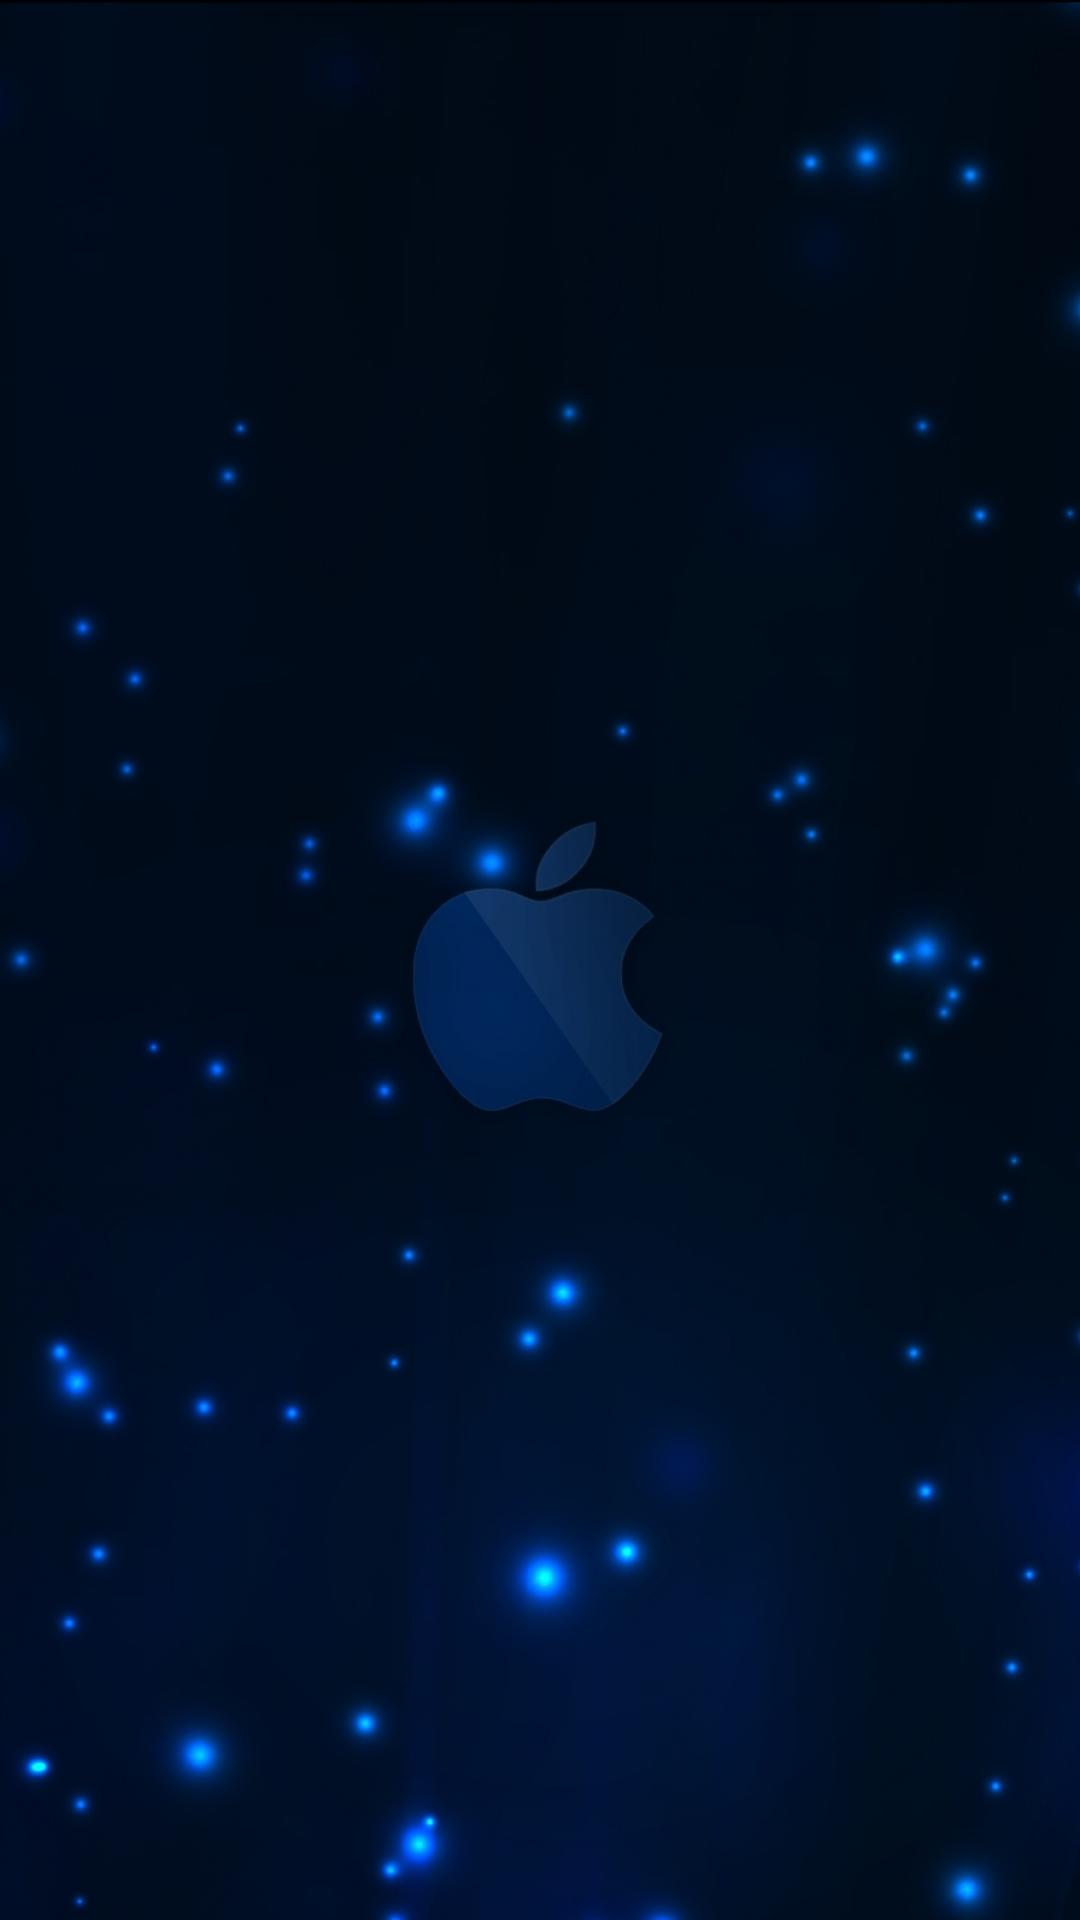 Apple アップルダークブルーロゴiphone 8 Plus Android壁紙 Iphoneチーズ